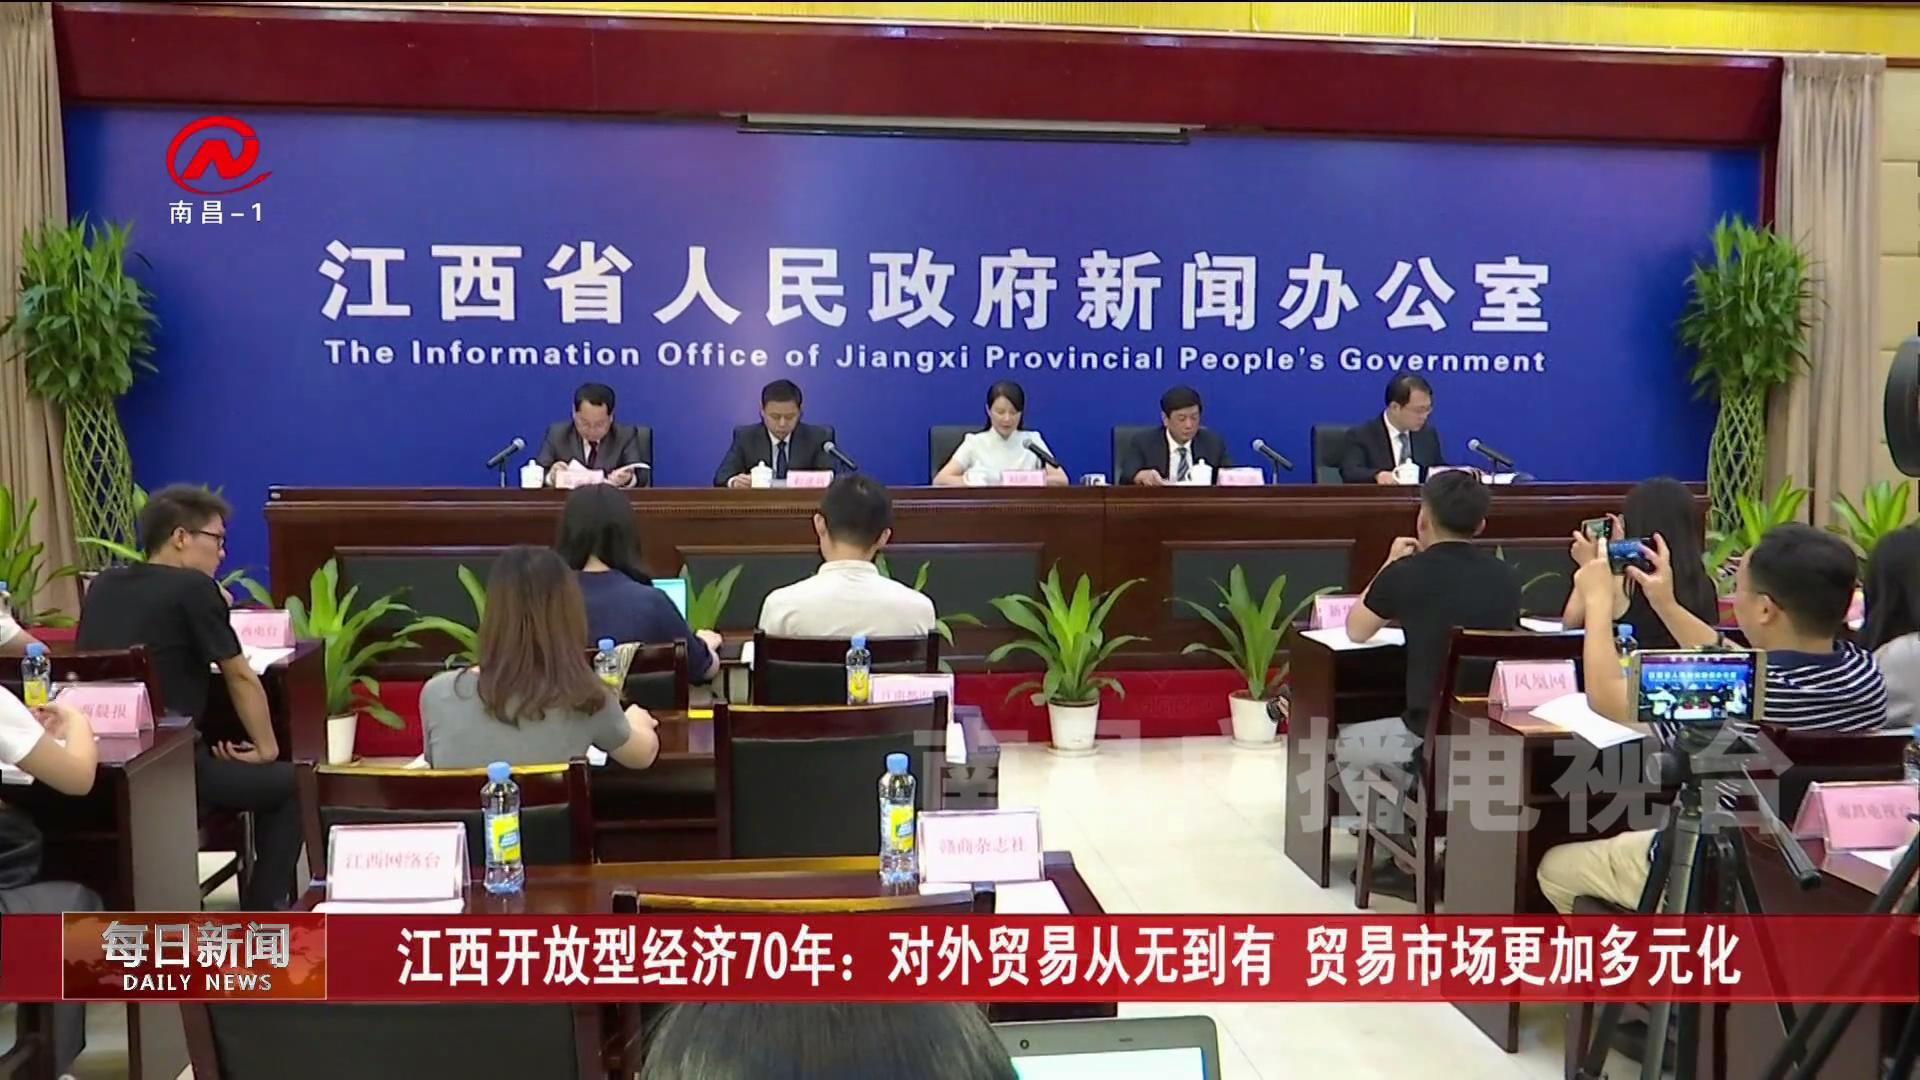 江西开放型经济70年:对外贸易从无到有 贸易市场更加多元化